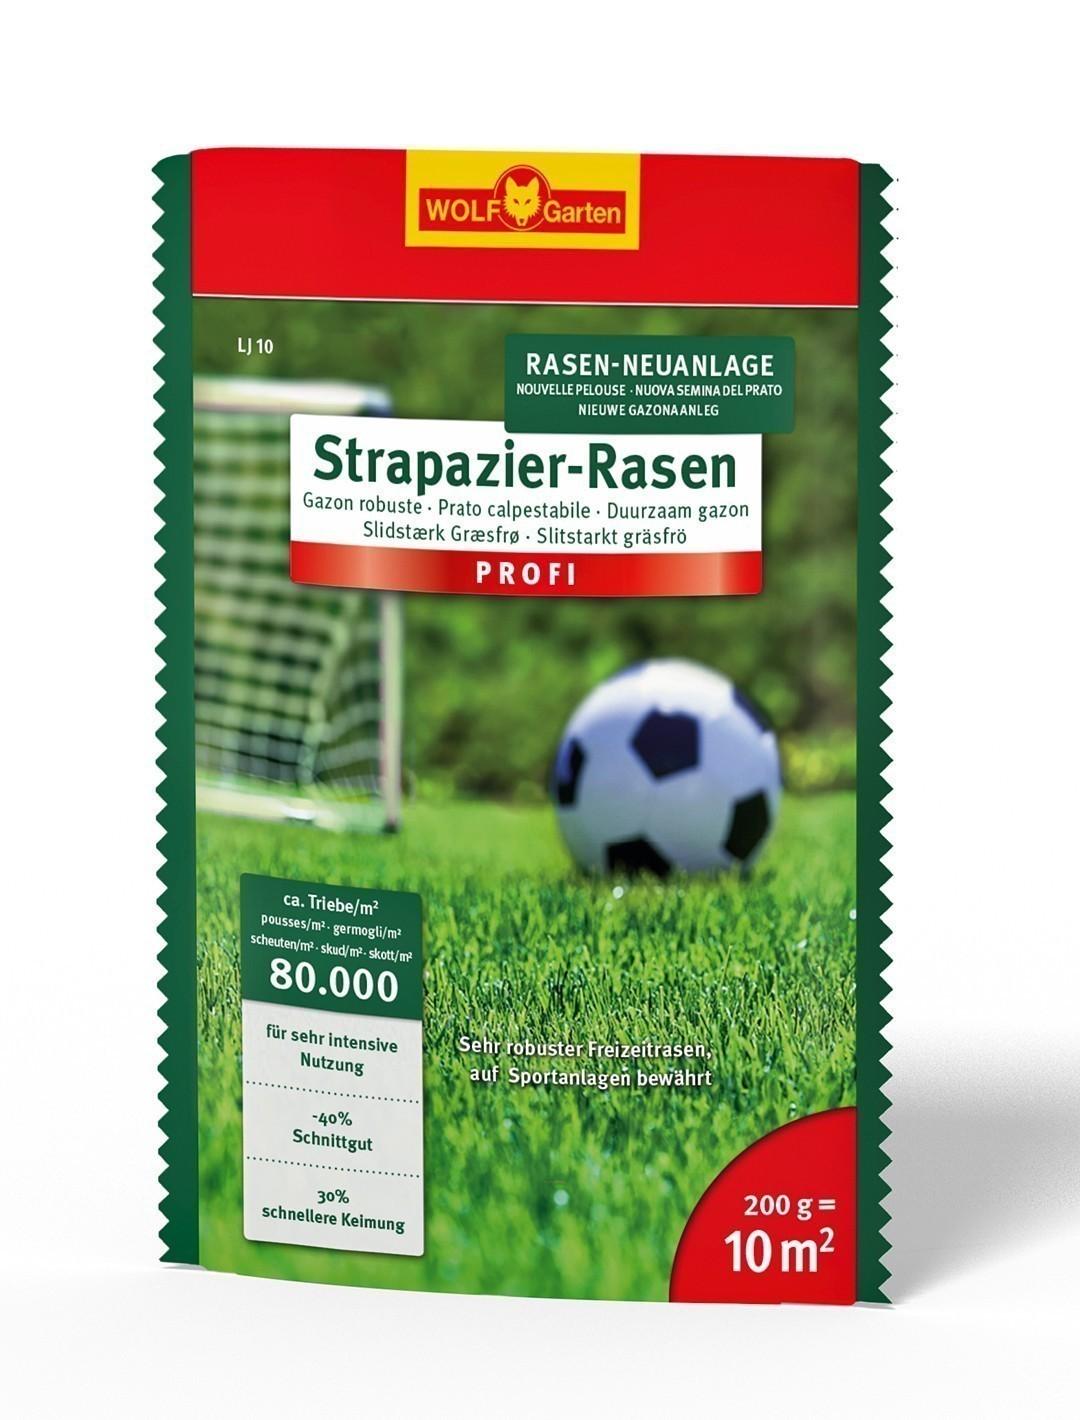 Wolf Garten Strapazier-Rasen Saatgut LJ10 für 10 m² Bild 1